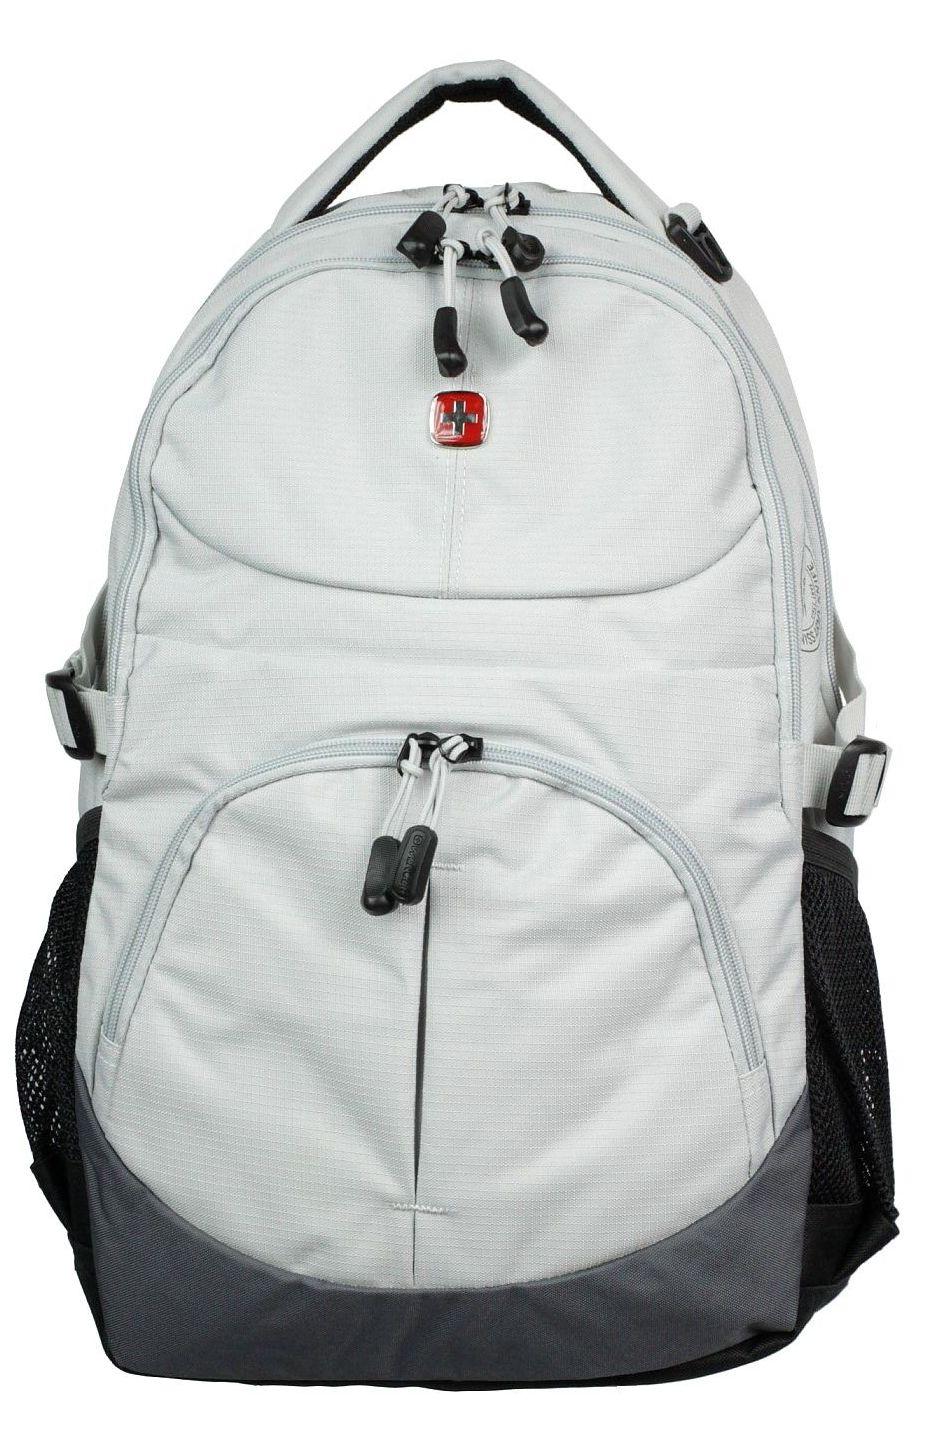 BackpackСпортивные рюкзаки<br>Городской рюкзак<br>